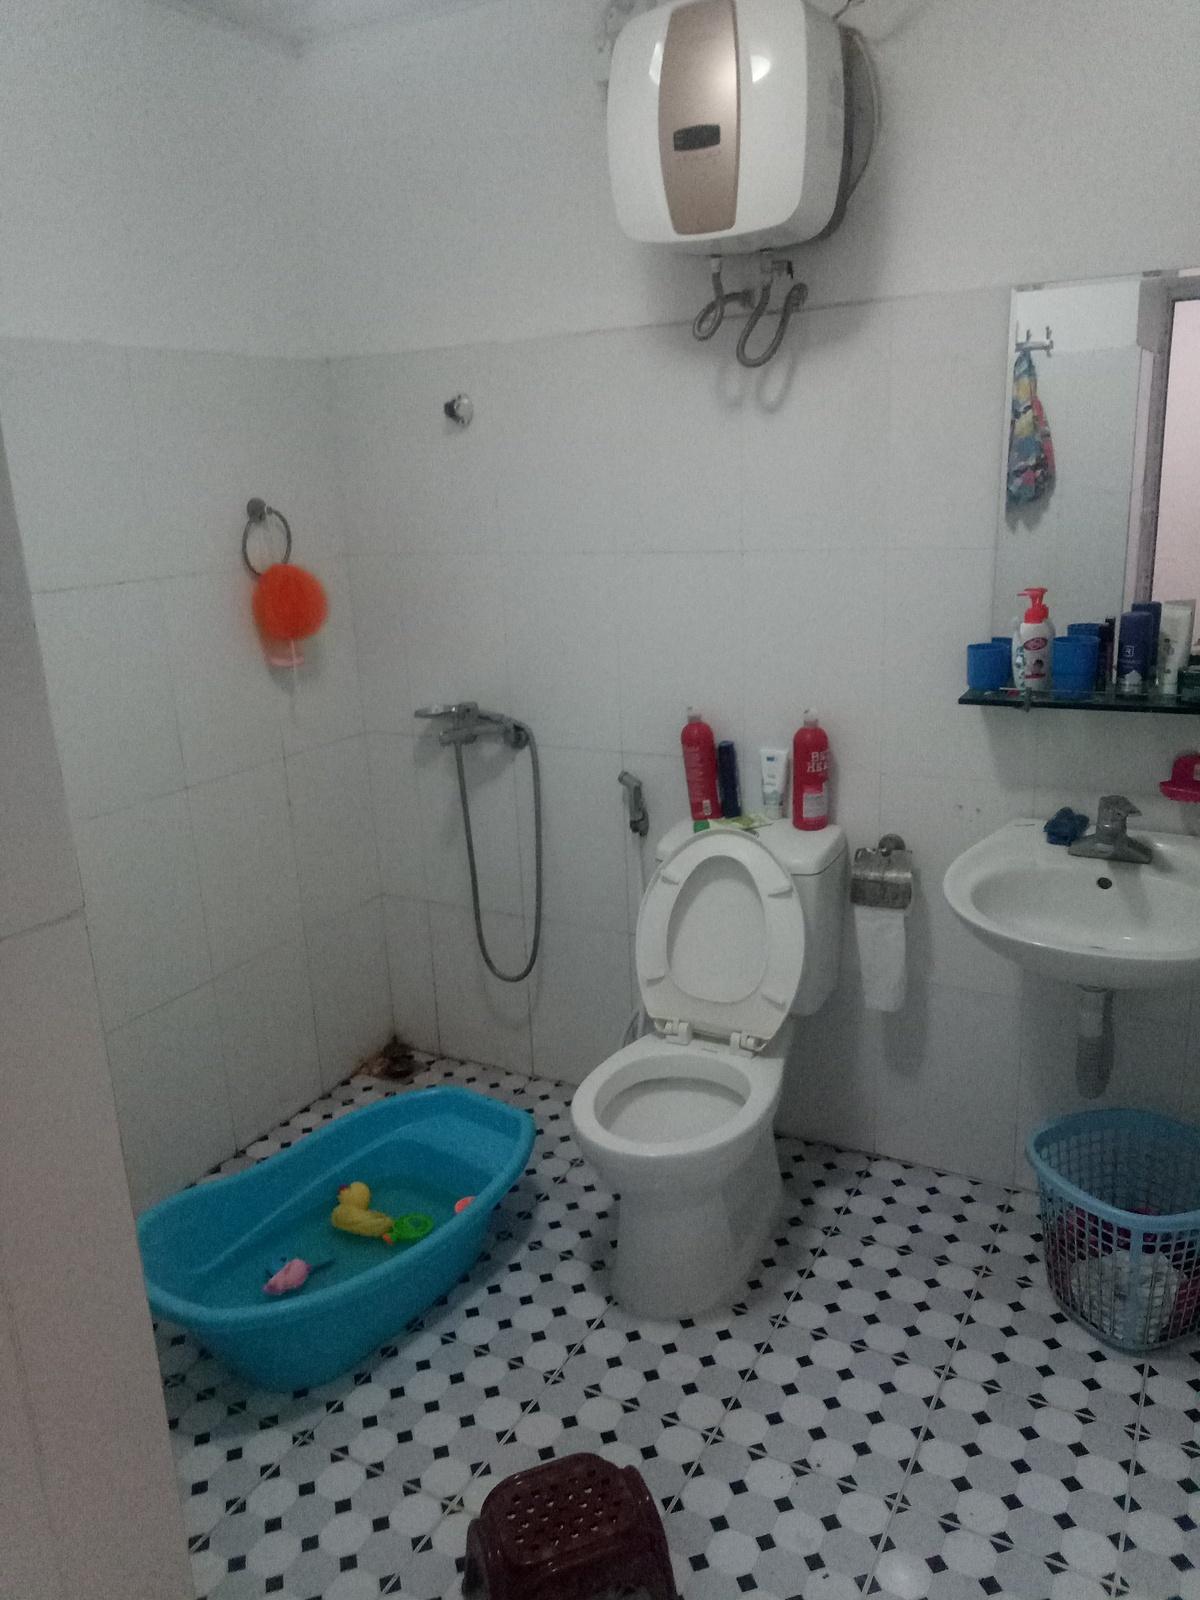 Vì nhà có trẻ nhỏ nên gia đình mong muốn cải tạo phòng tắm, sử dụng loại gạch không trơn trượt.